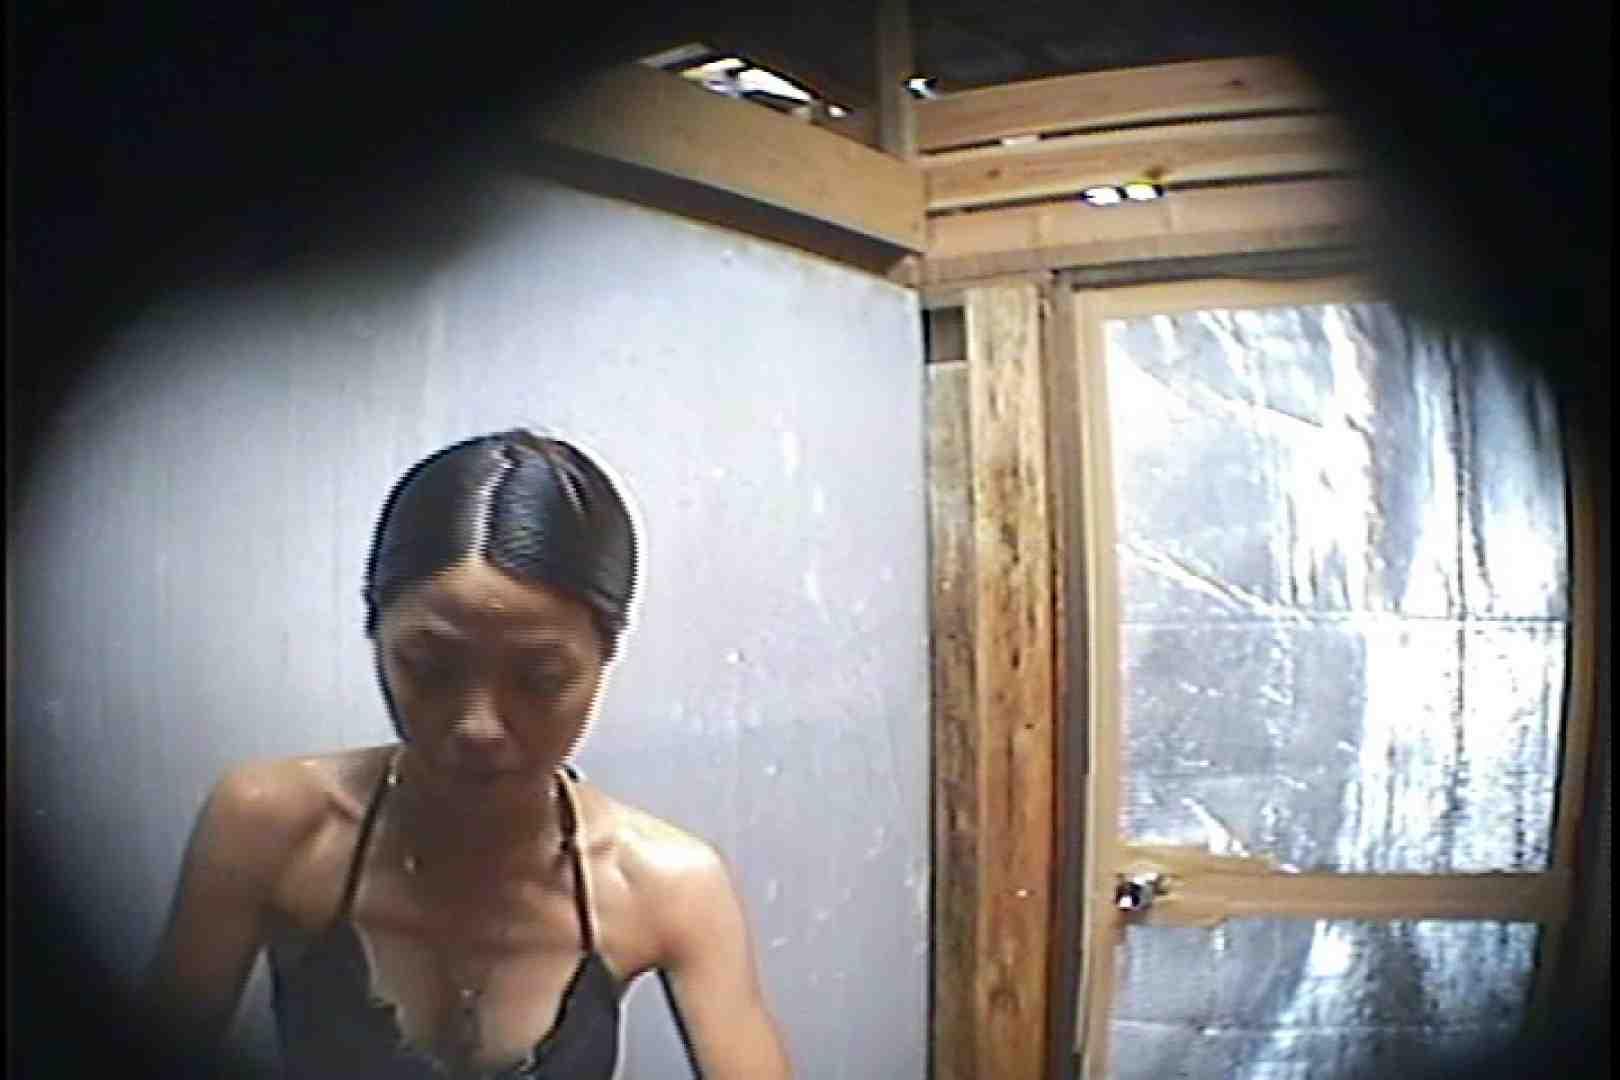 海の家の更衣室 Vol.45 シャワー中 | 美女達のヌード  64連発 51